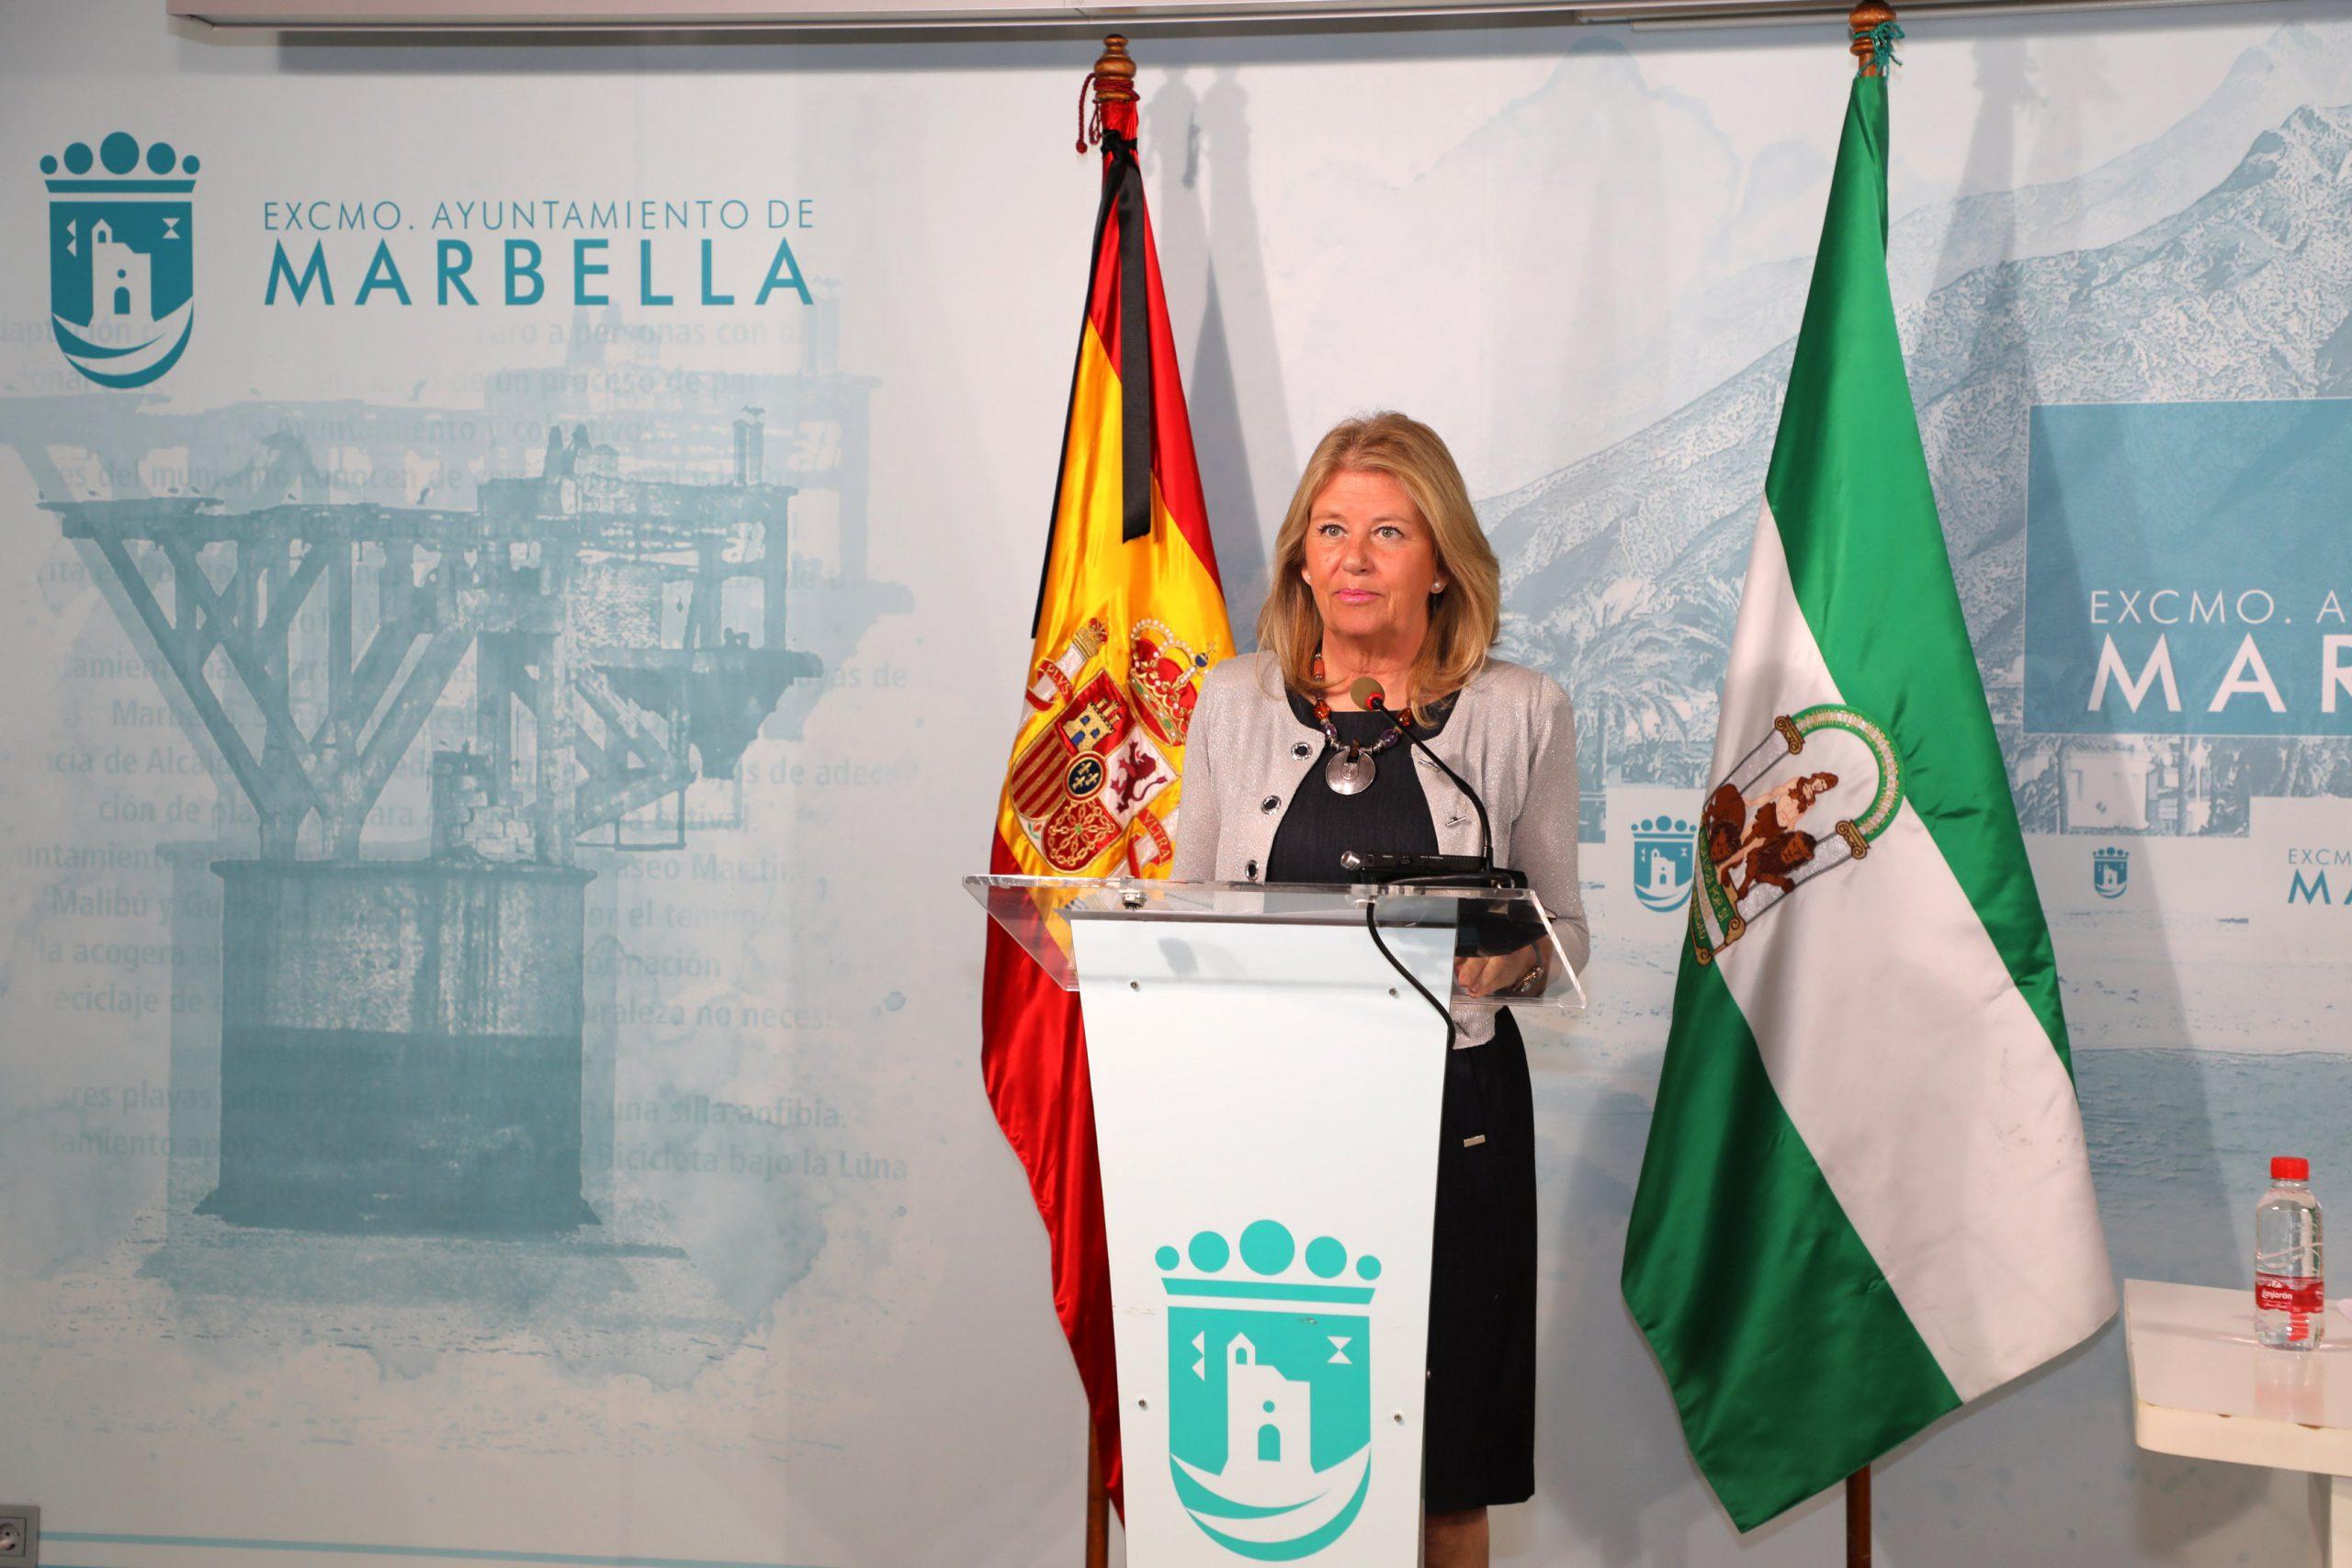 Una sentencia judicial favorable evita a Marbella pagar 23 millones de euros